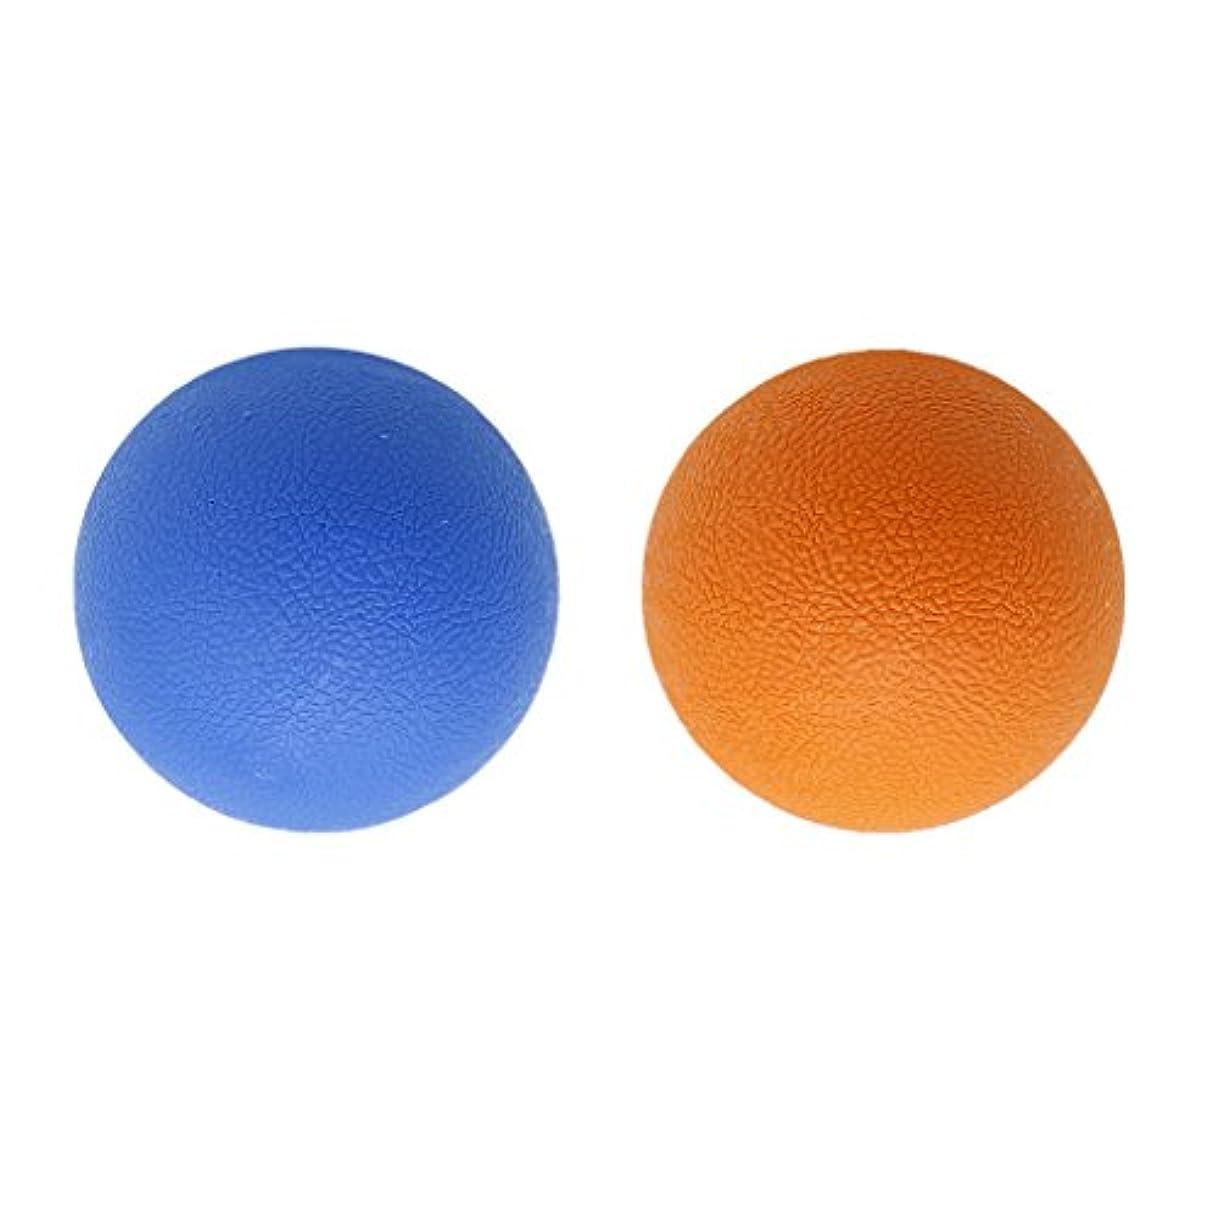 塗抹進化ウィンクマッサージボール トリガーポイント ラクロスボール 弾性TPE ストレッチボール 多色選べる - オレンジブルー